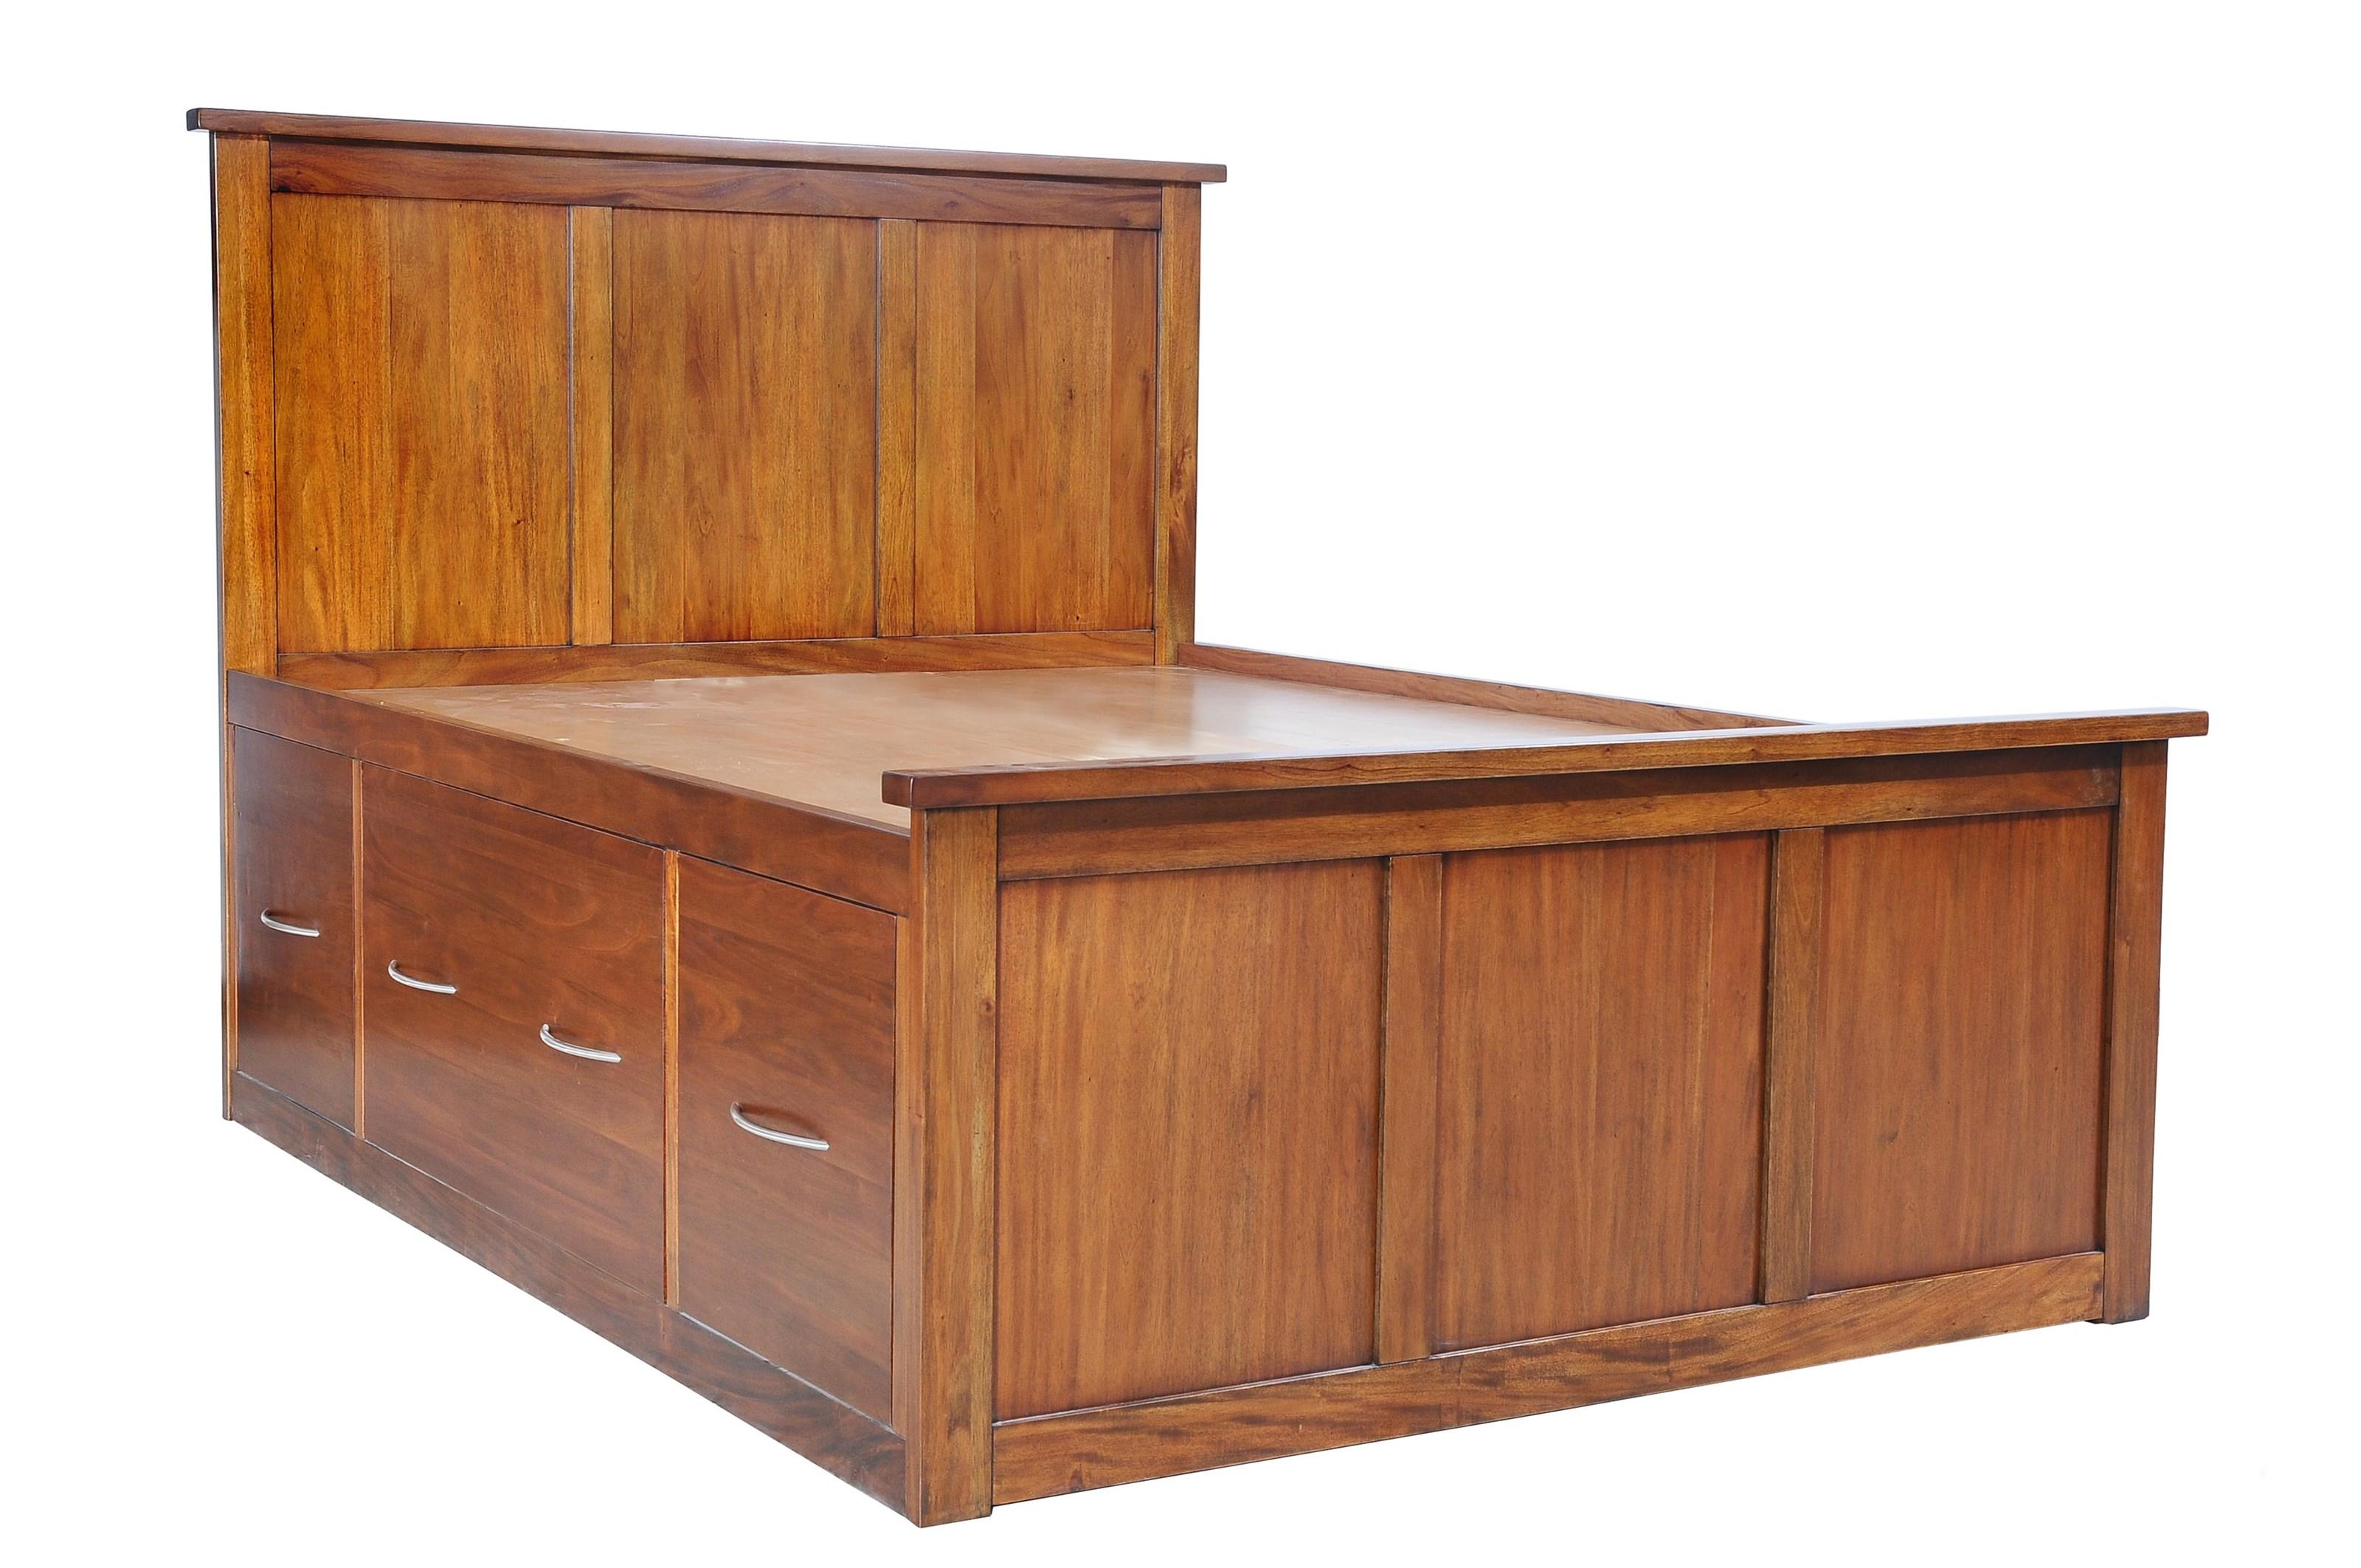 Napa Furniture Designs Boston Brownstone 9 Drawer California King Bed - Item Number: Boston